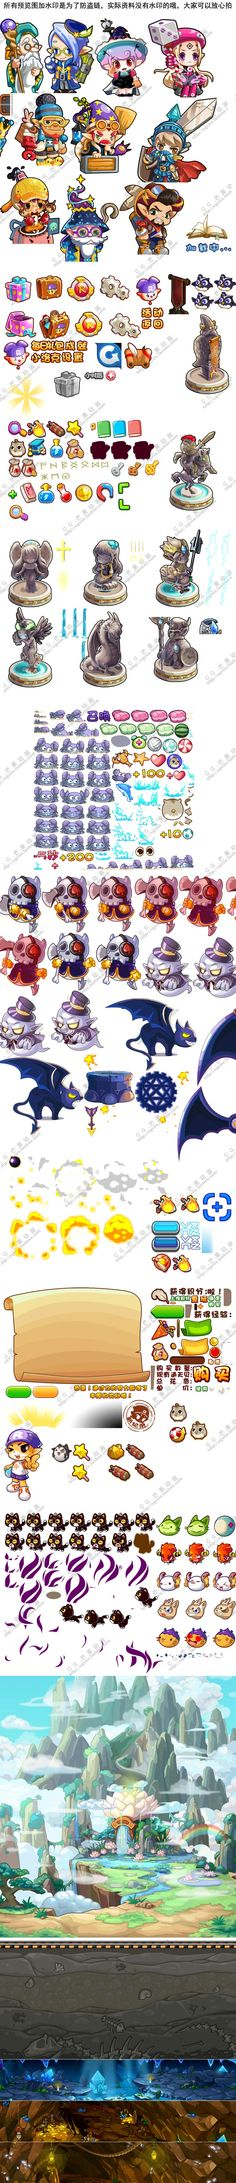 http://item.taobao.com/item.htm?spm=a1z10.5.w4002-5428120391.21.v0pSPP